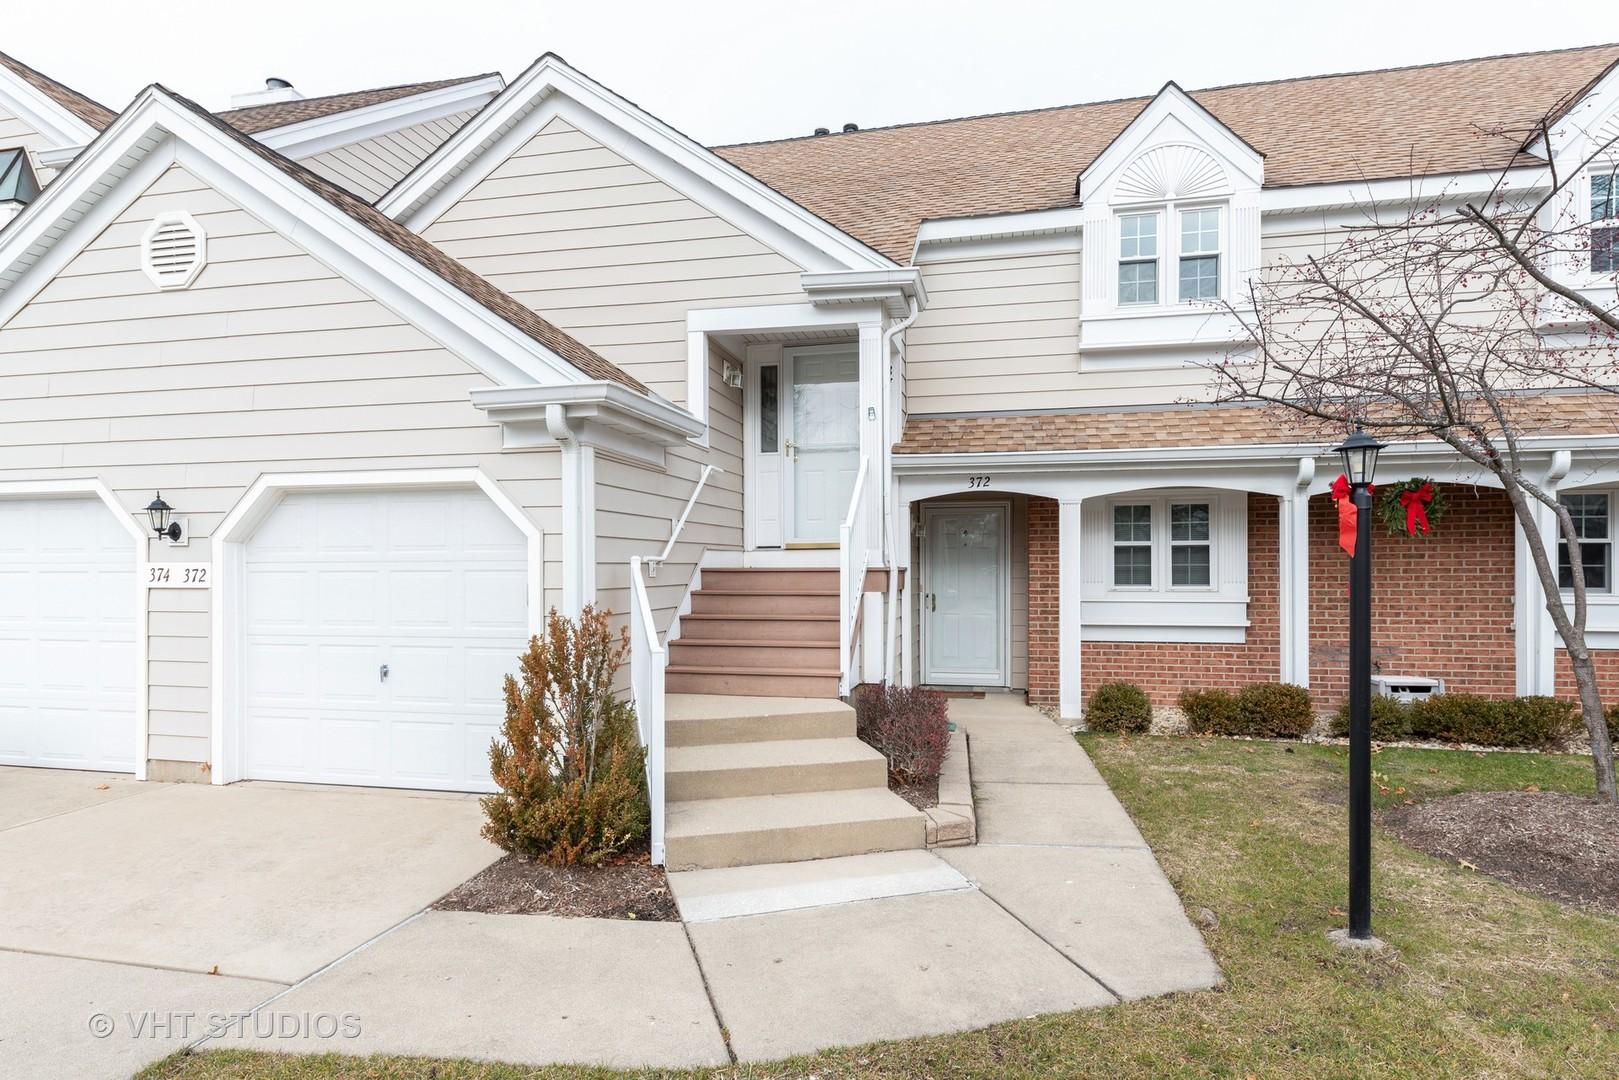 372 COVINGTON Terrace, Buffalo Grove IL 60089